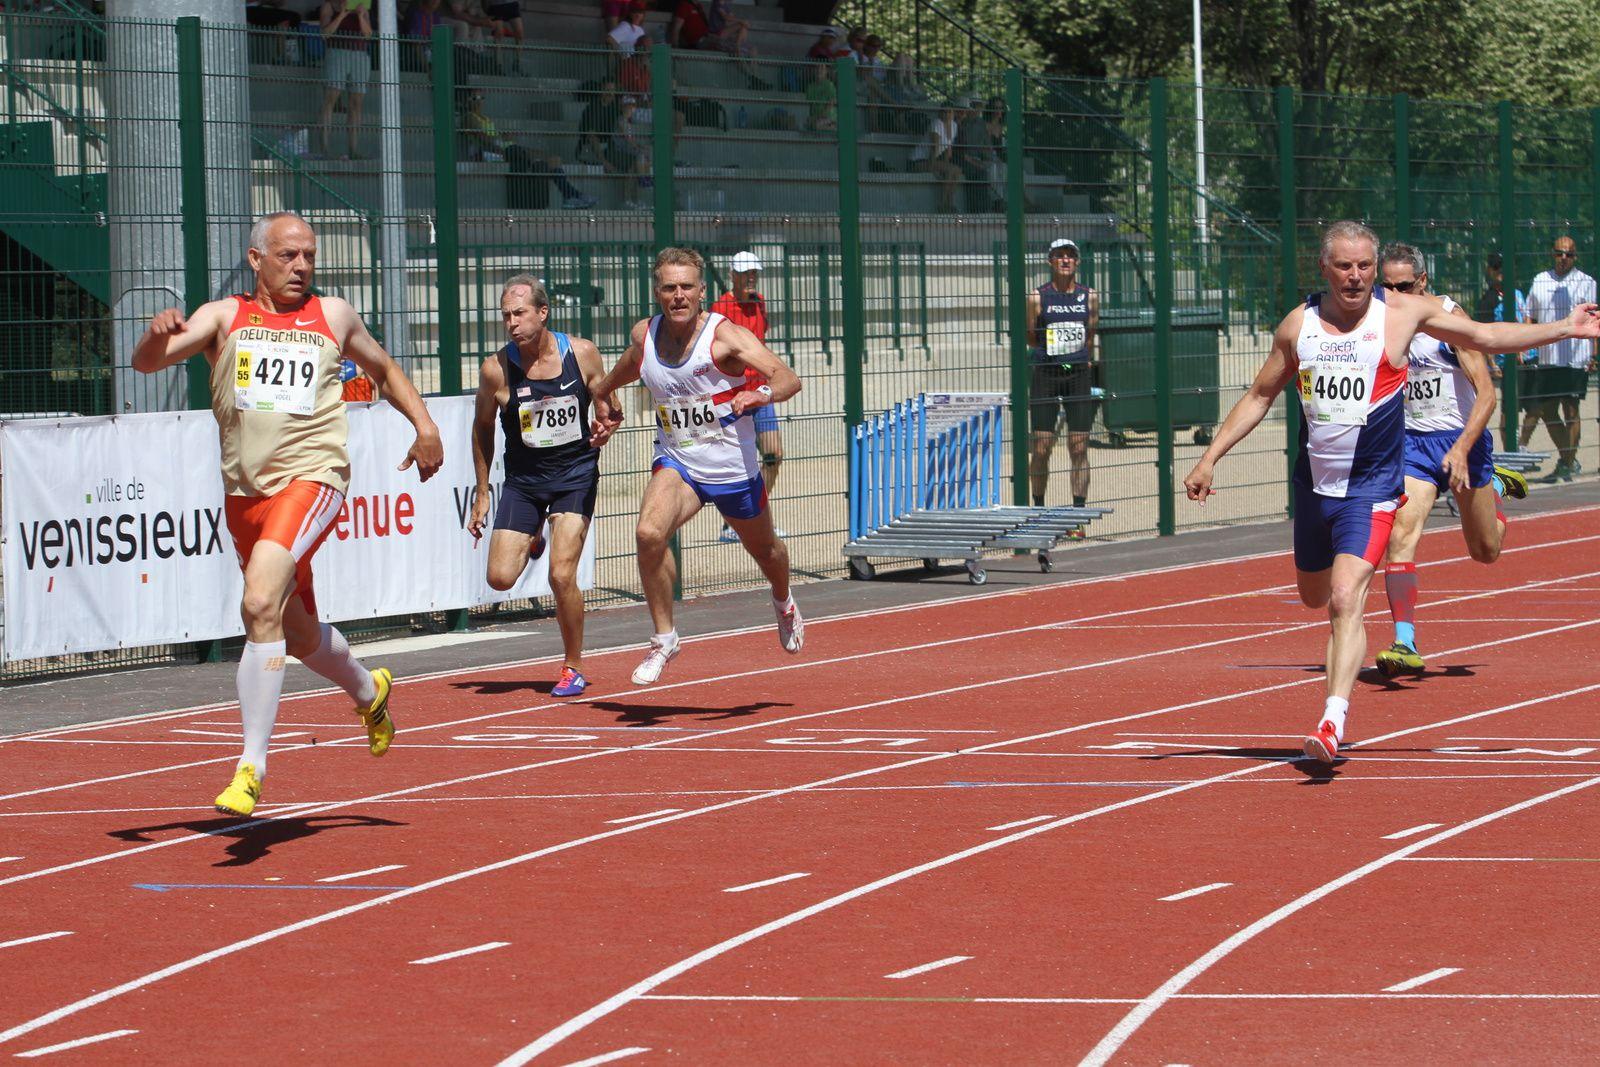 Les records tombent dans les épreuves combinées au stade Laurent-Gerin